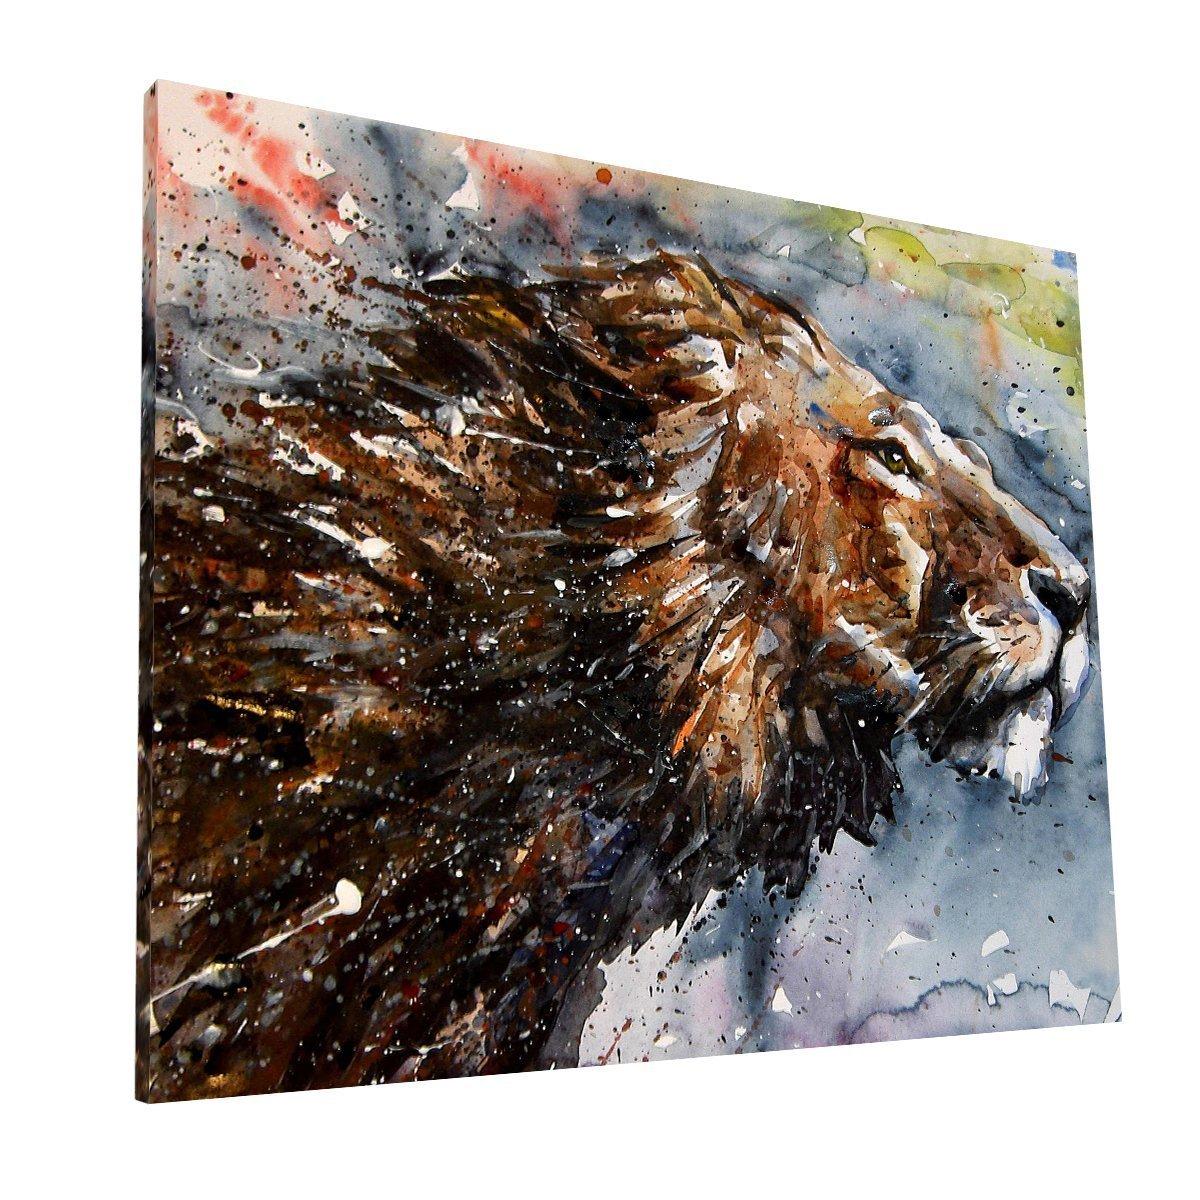 León Canvas 1 Krea Canvas - Cuadros Decorativos Para Salas